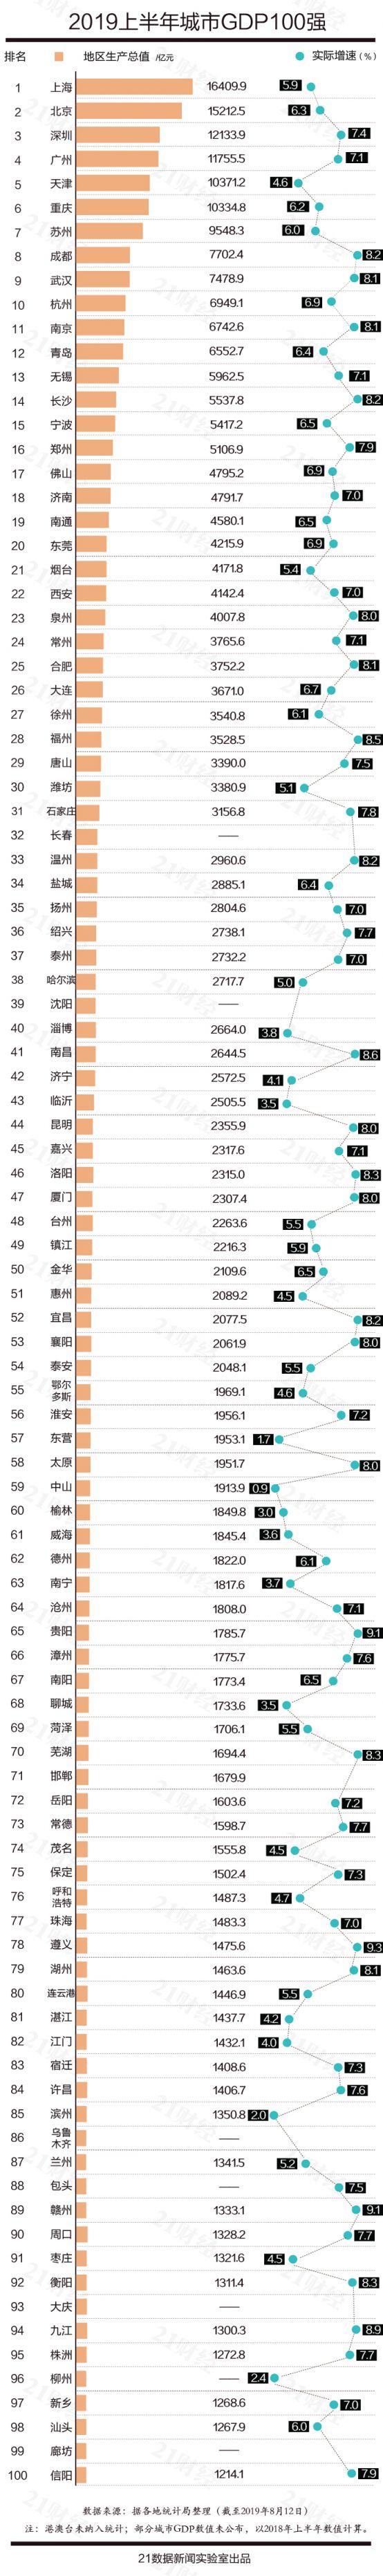 2019年最新中国城市GDP百强榜